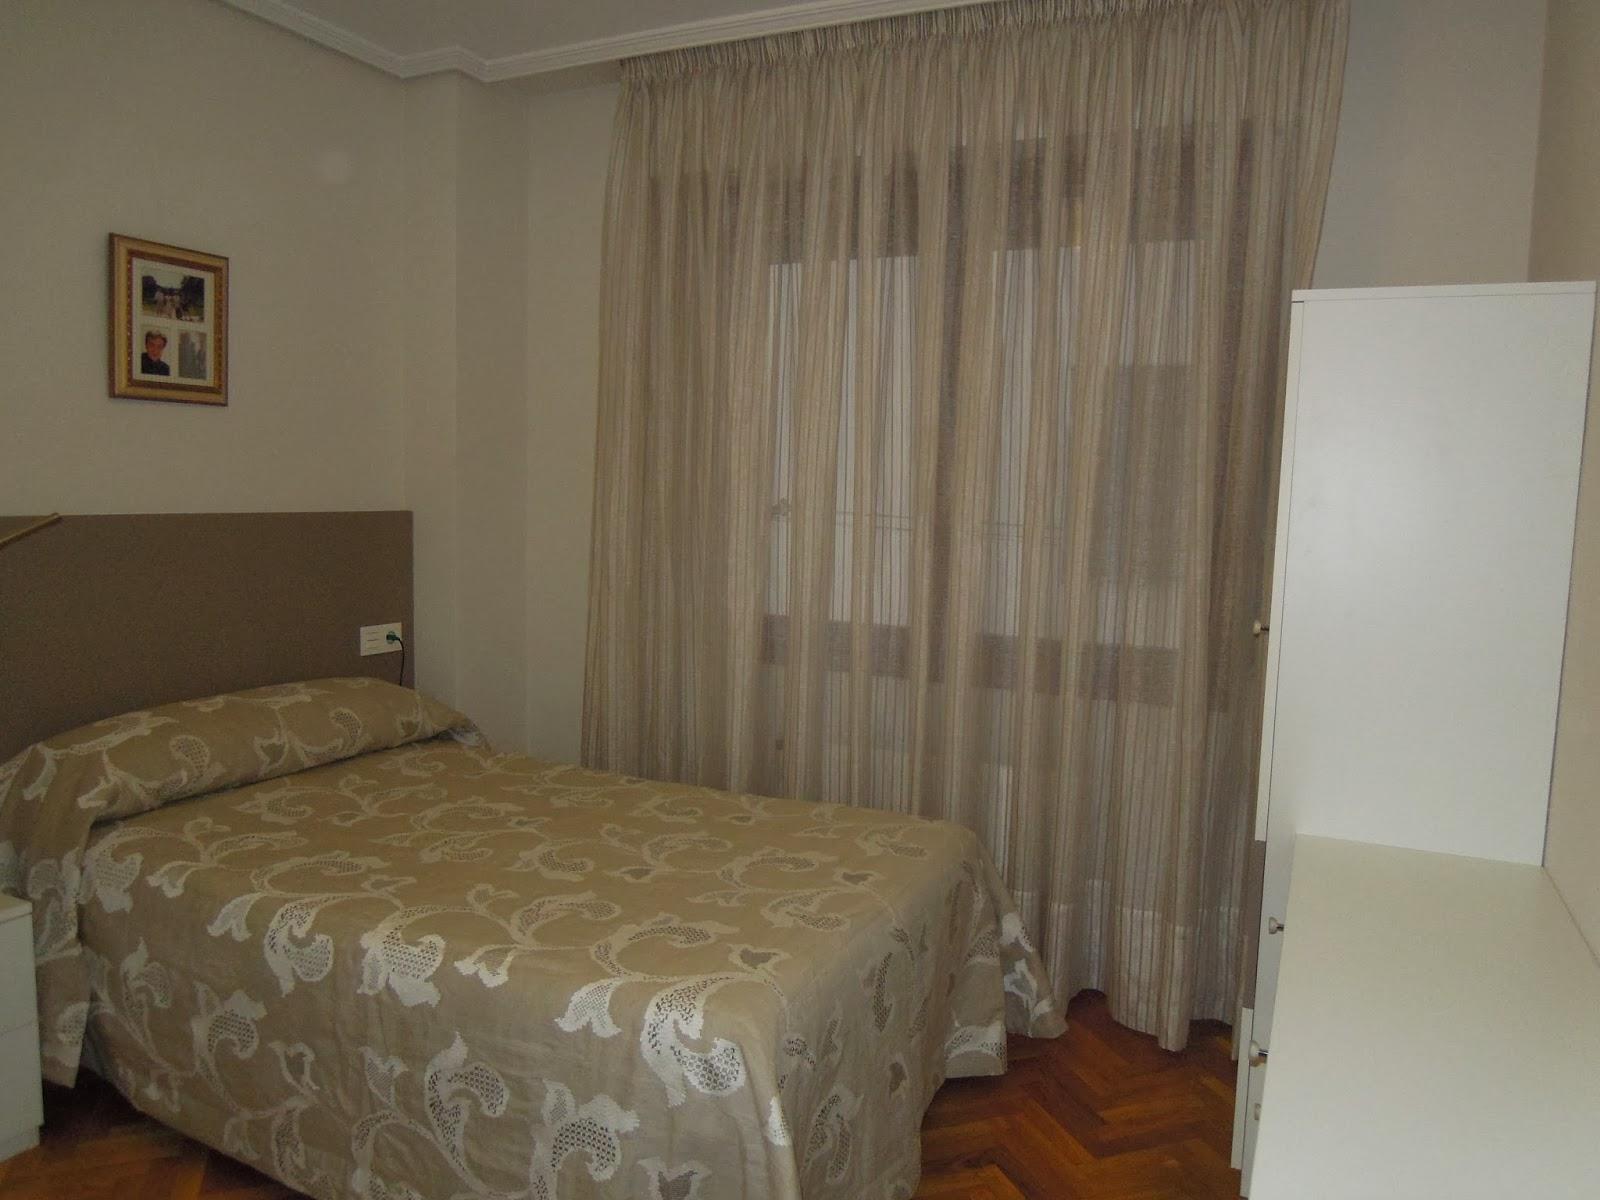 Fotos de cortinas dormitorio principal 2014 for Pintura color lino